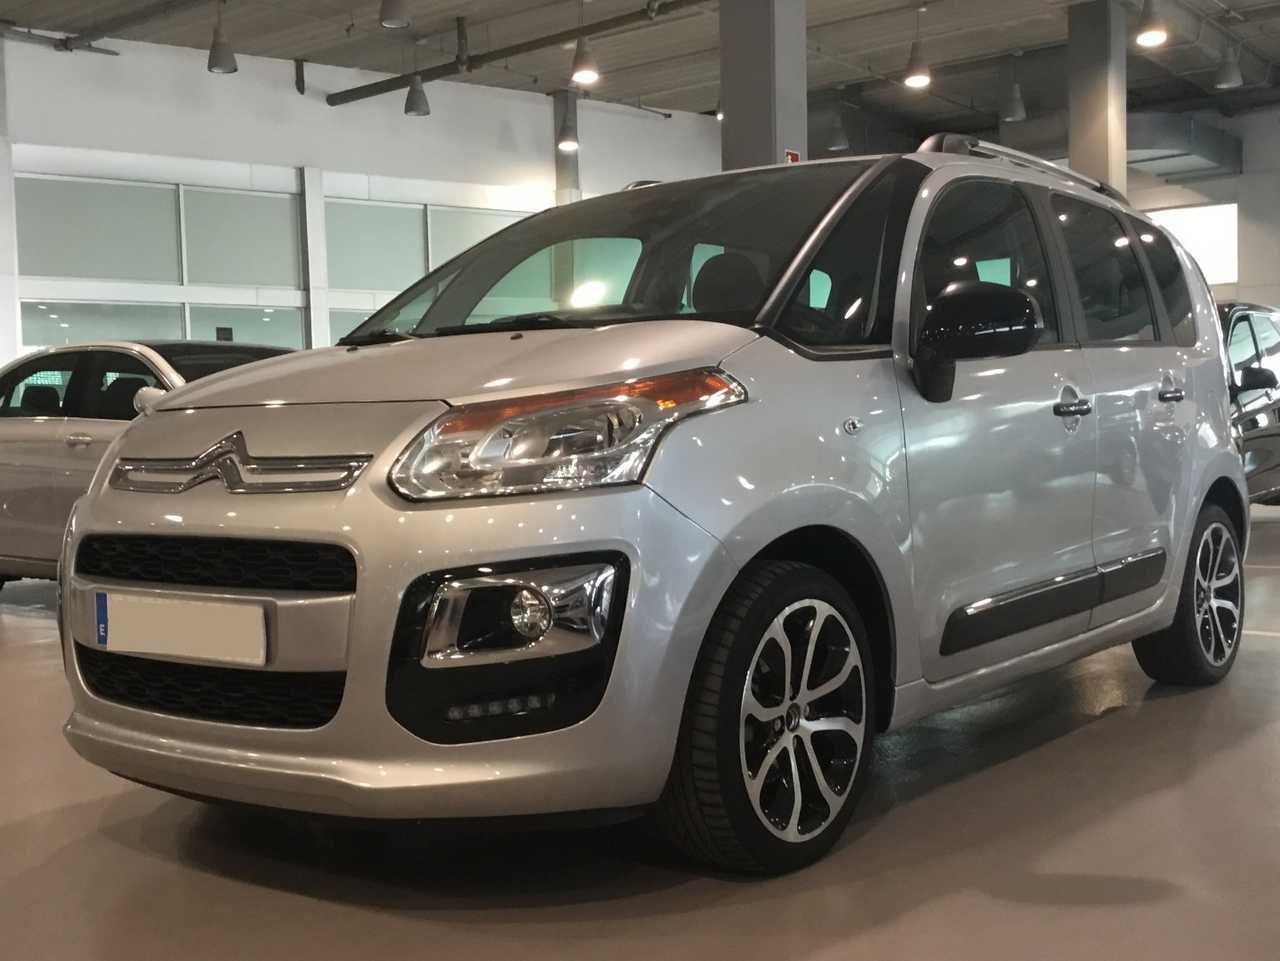 Citroën C3 Picasso 1.6 Feel Edition 2015   - Foto 1